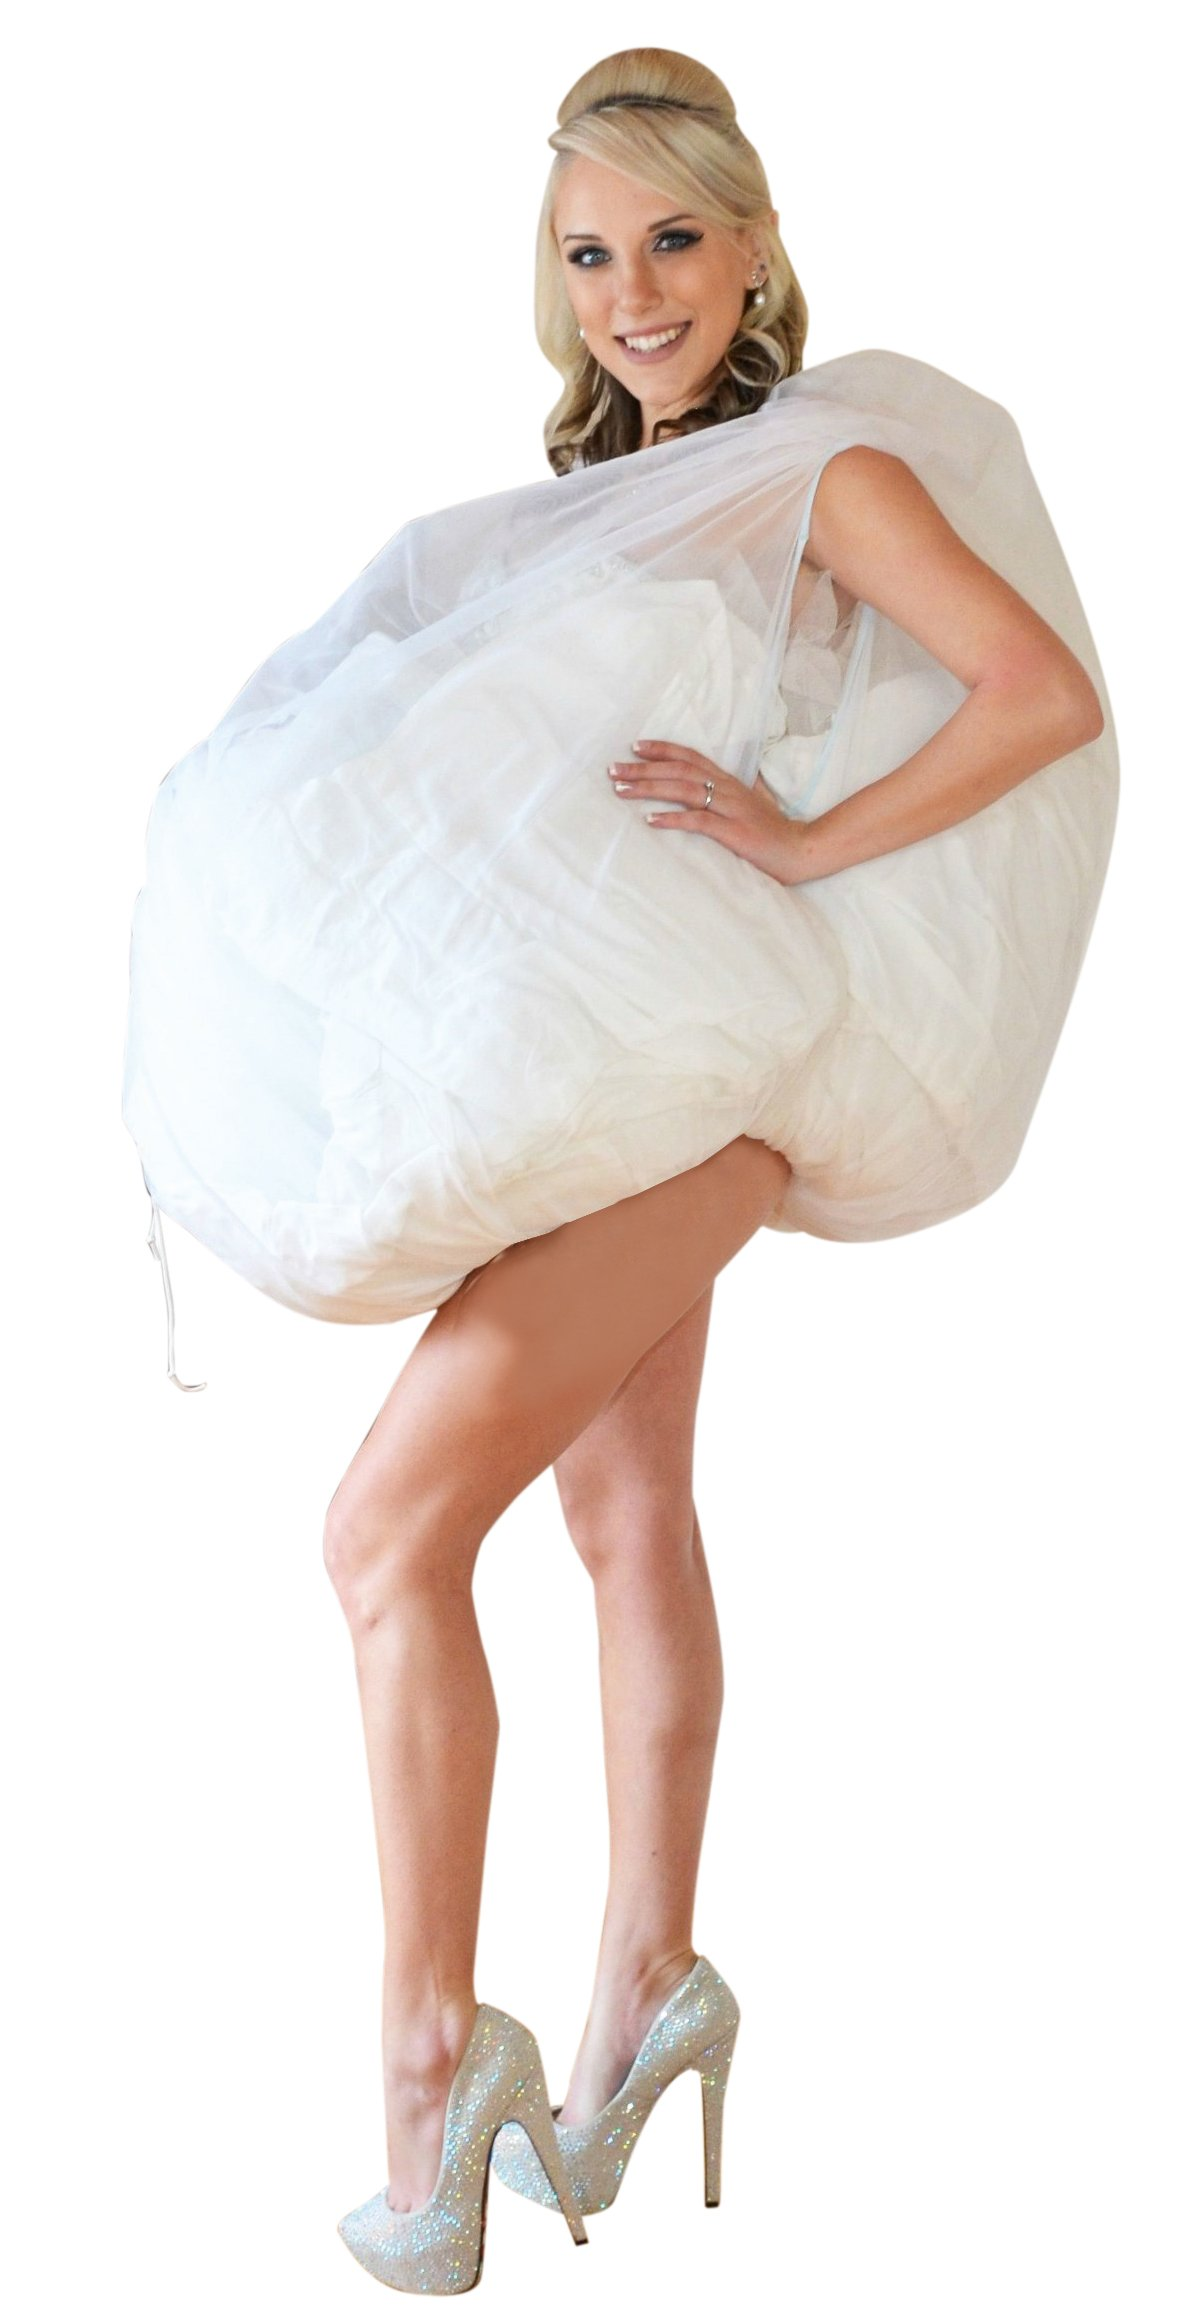 Bridal Buddy - Undergarment Slip for easy bathroom use- As Seen On Shark Tank